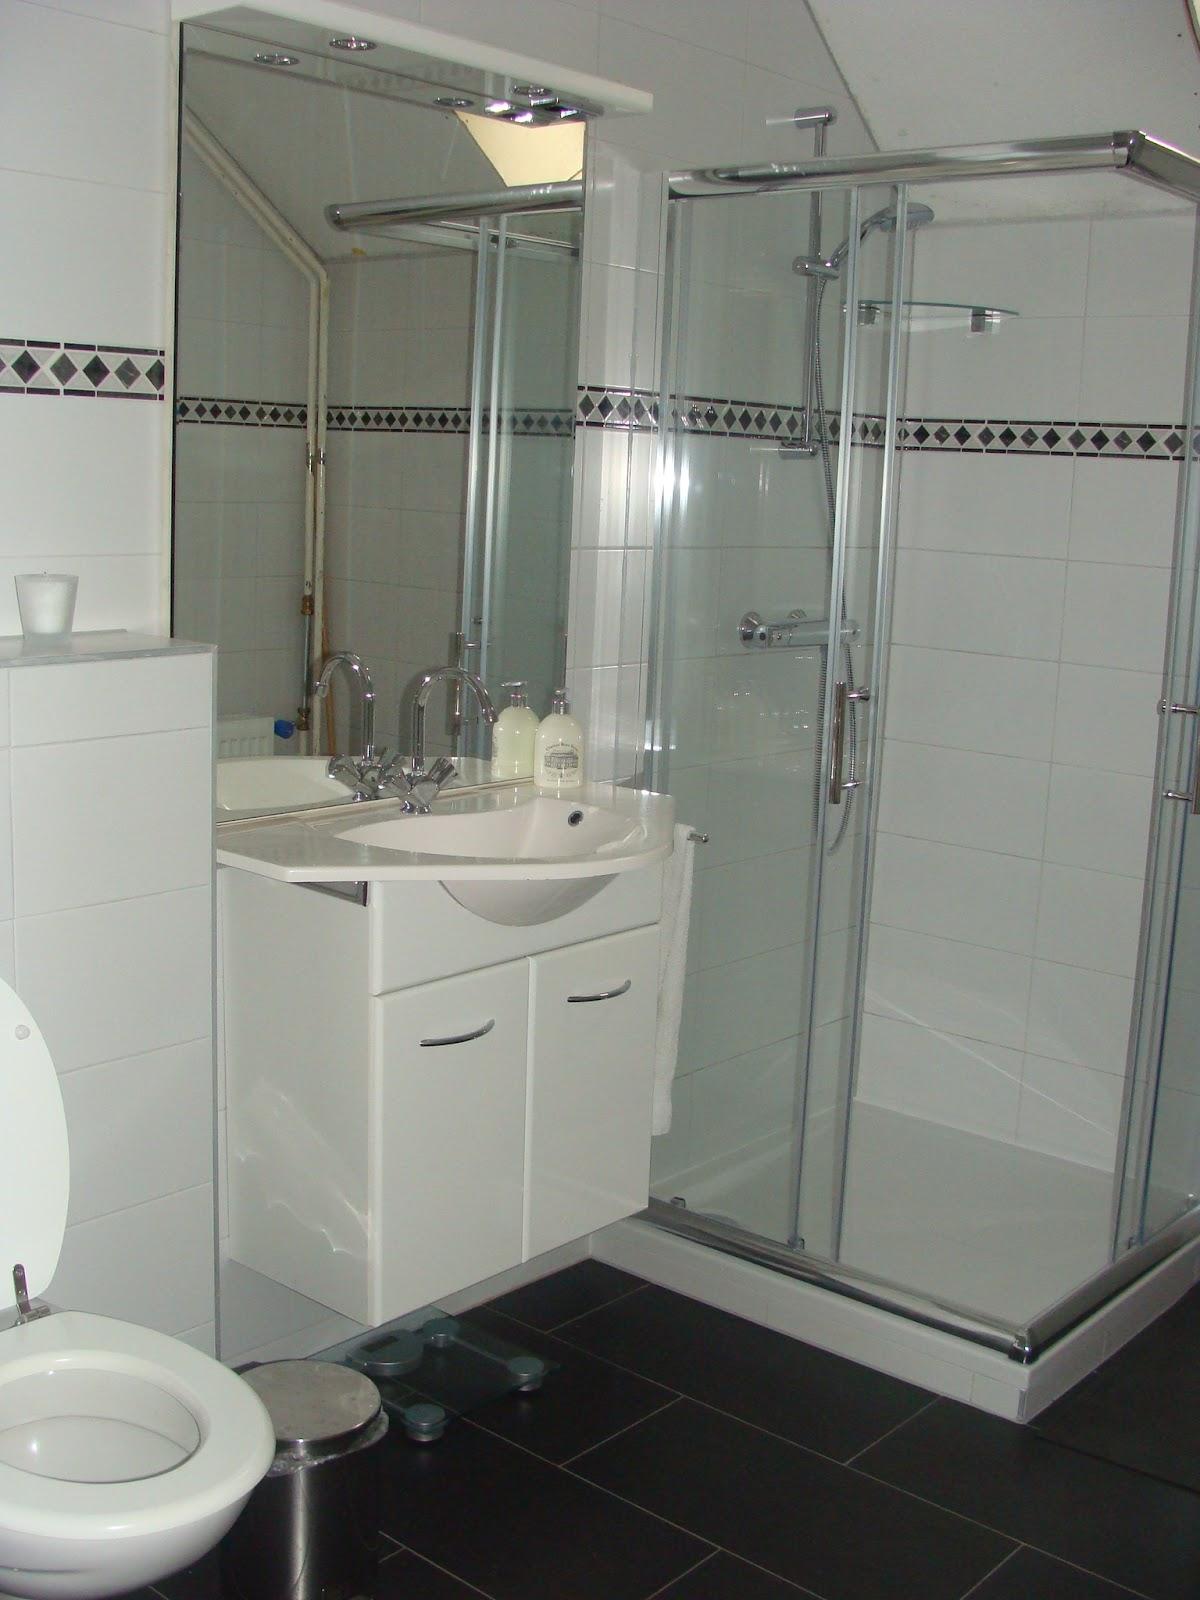 Sjanies kaarten badkamer en kaartjes - Wasgoed in de badkamer ...